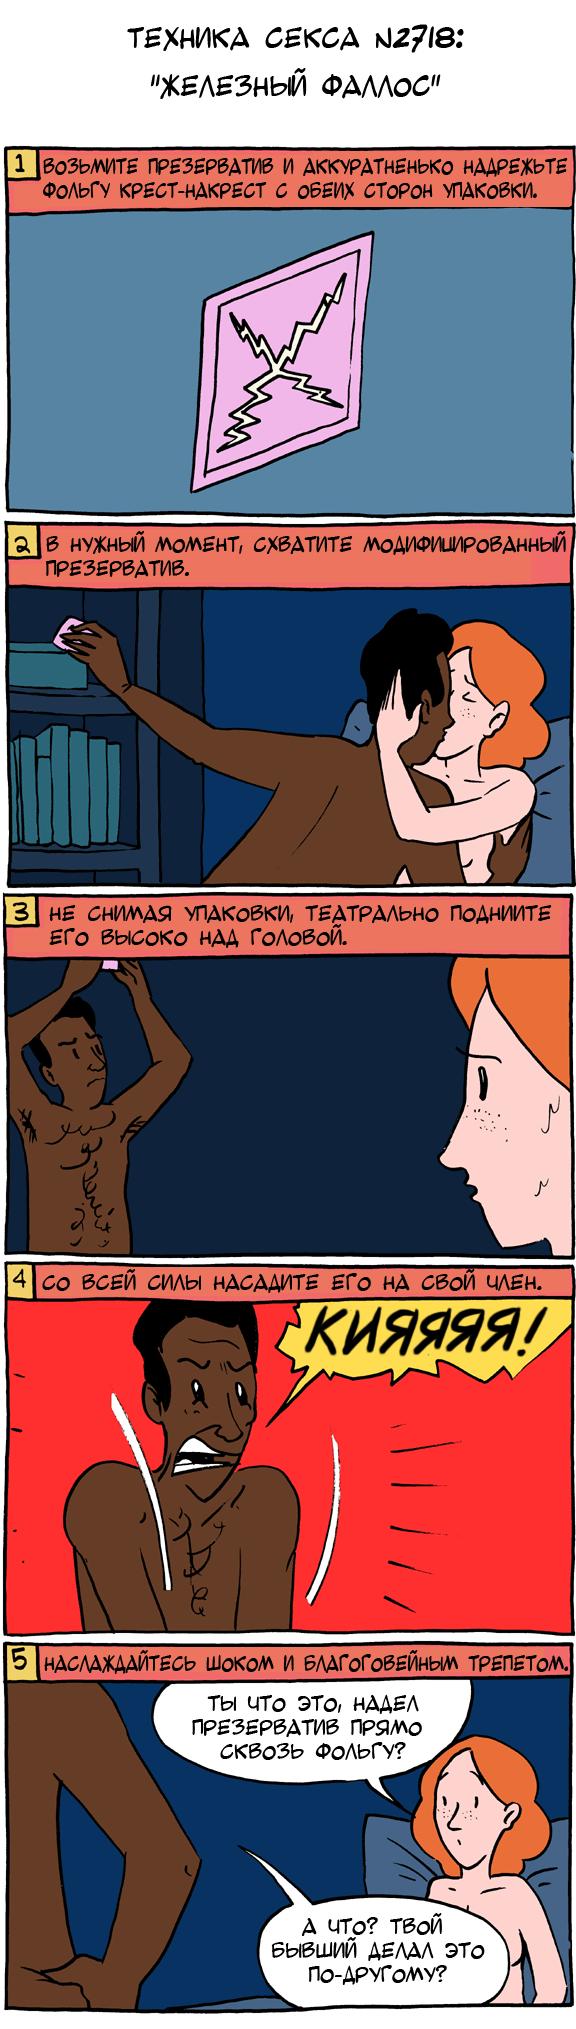 Онлайн и по-русски, переводы комиксов,личное,Истории,Прикольные и по…